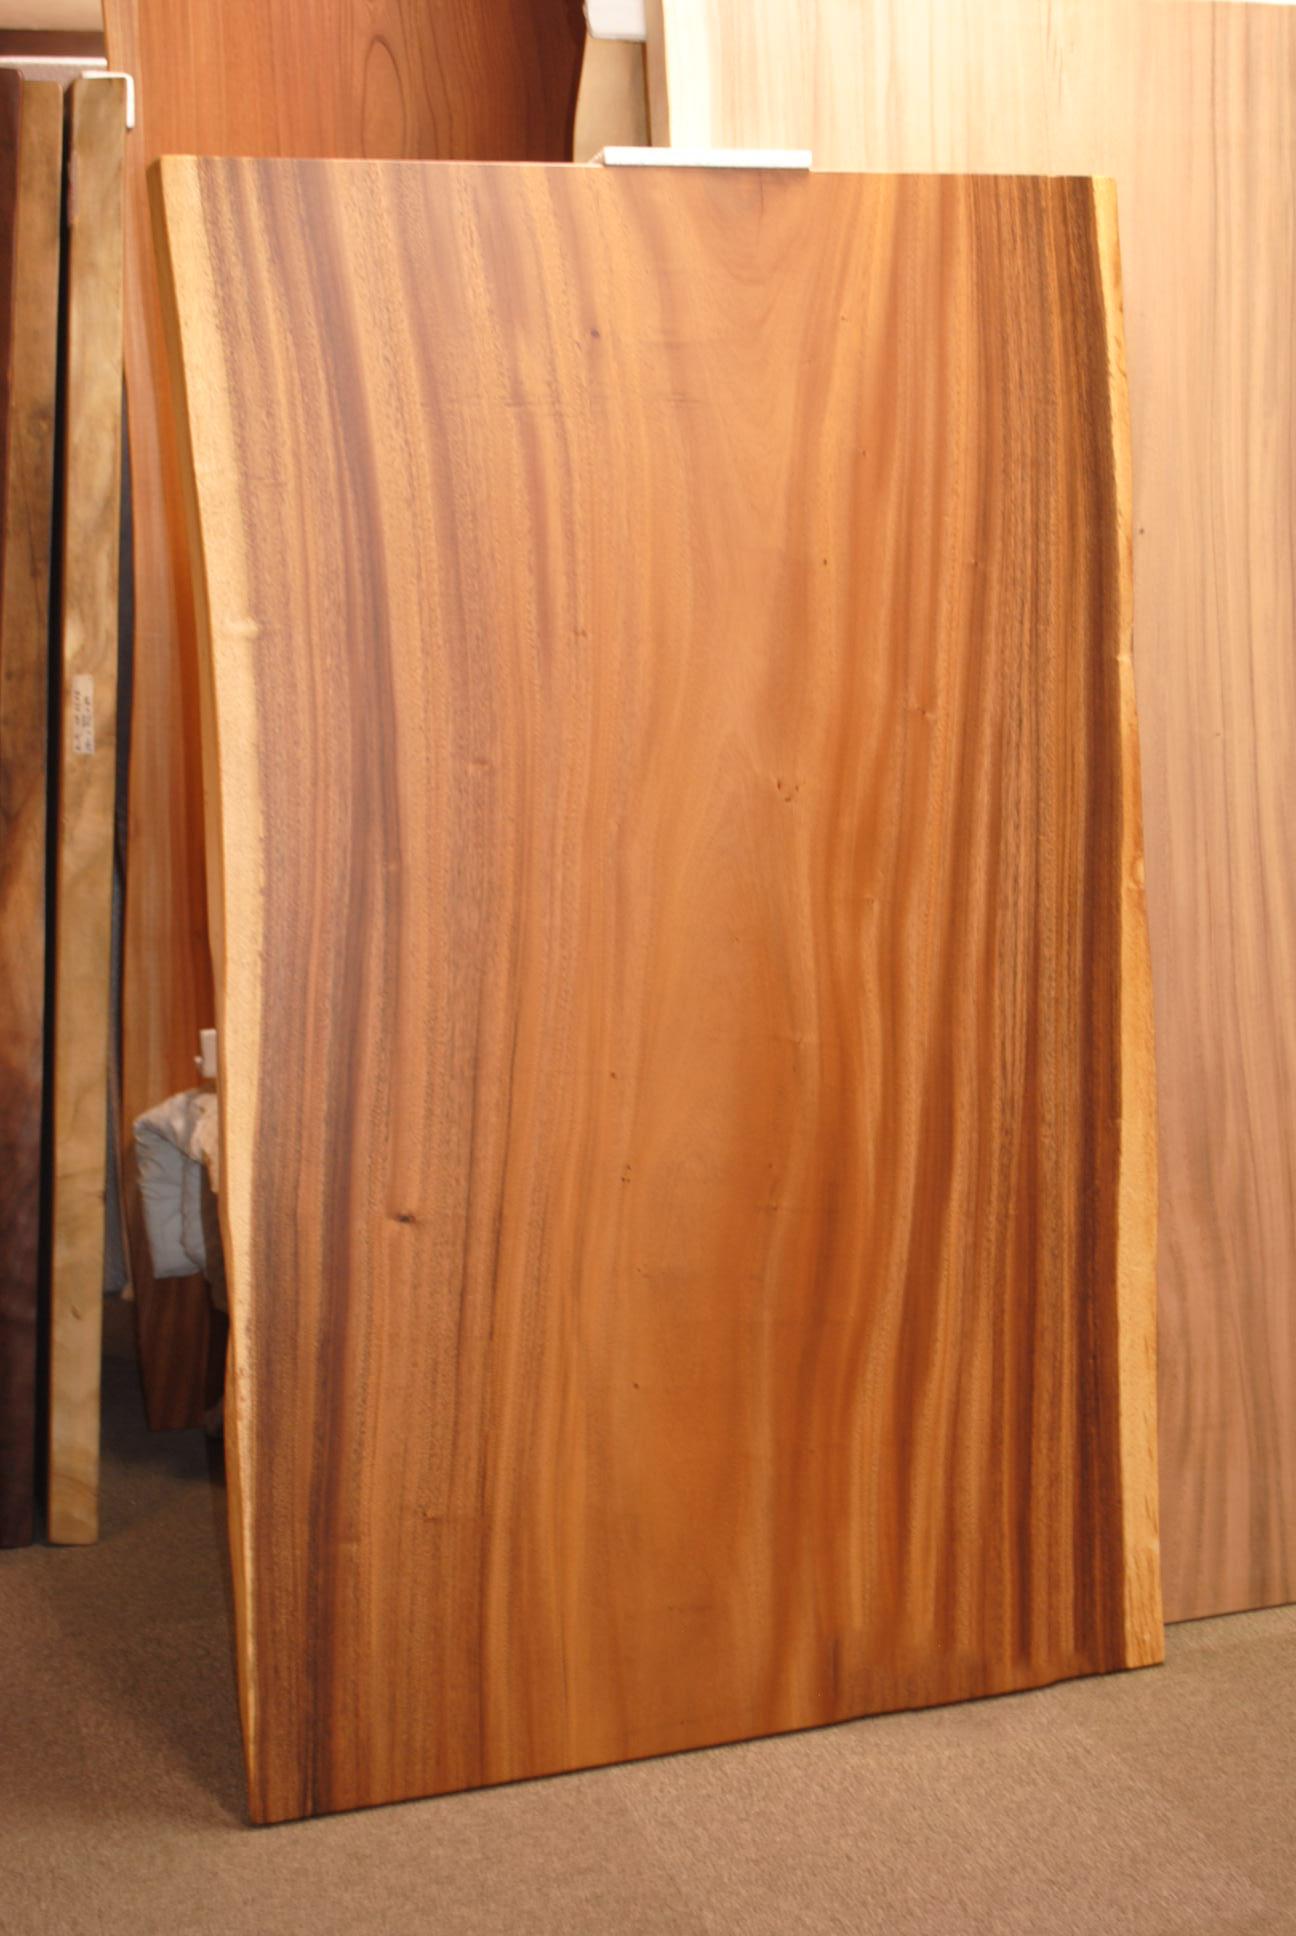 超熱 【送料無料開梱設置付 一枚板】モンキーポッド 160 一枚板 ダイニングテーブル 板 両面仕上 テーブル 天板 板 ローテーブル ダイニング カウンター 座卓 天板 無垢 脚付き, トナーバンク:b1c24f6d --- unlimitedrobuxgenerator.com